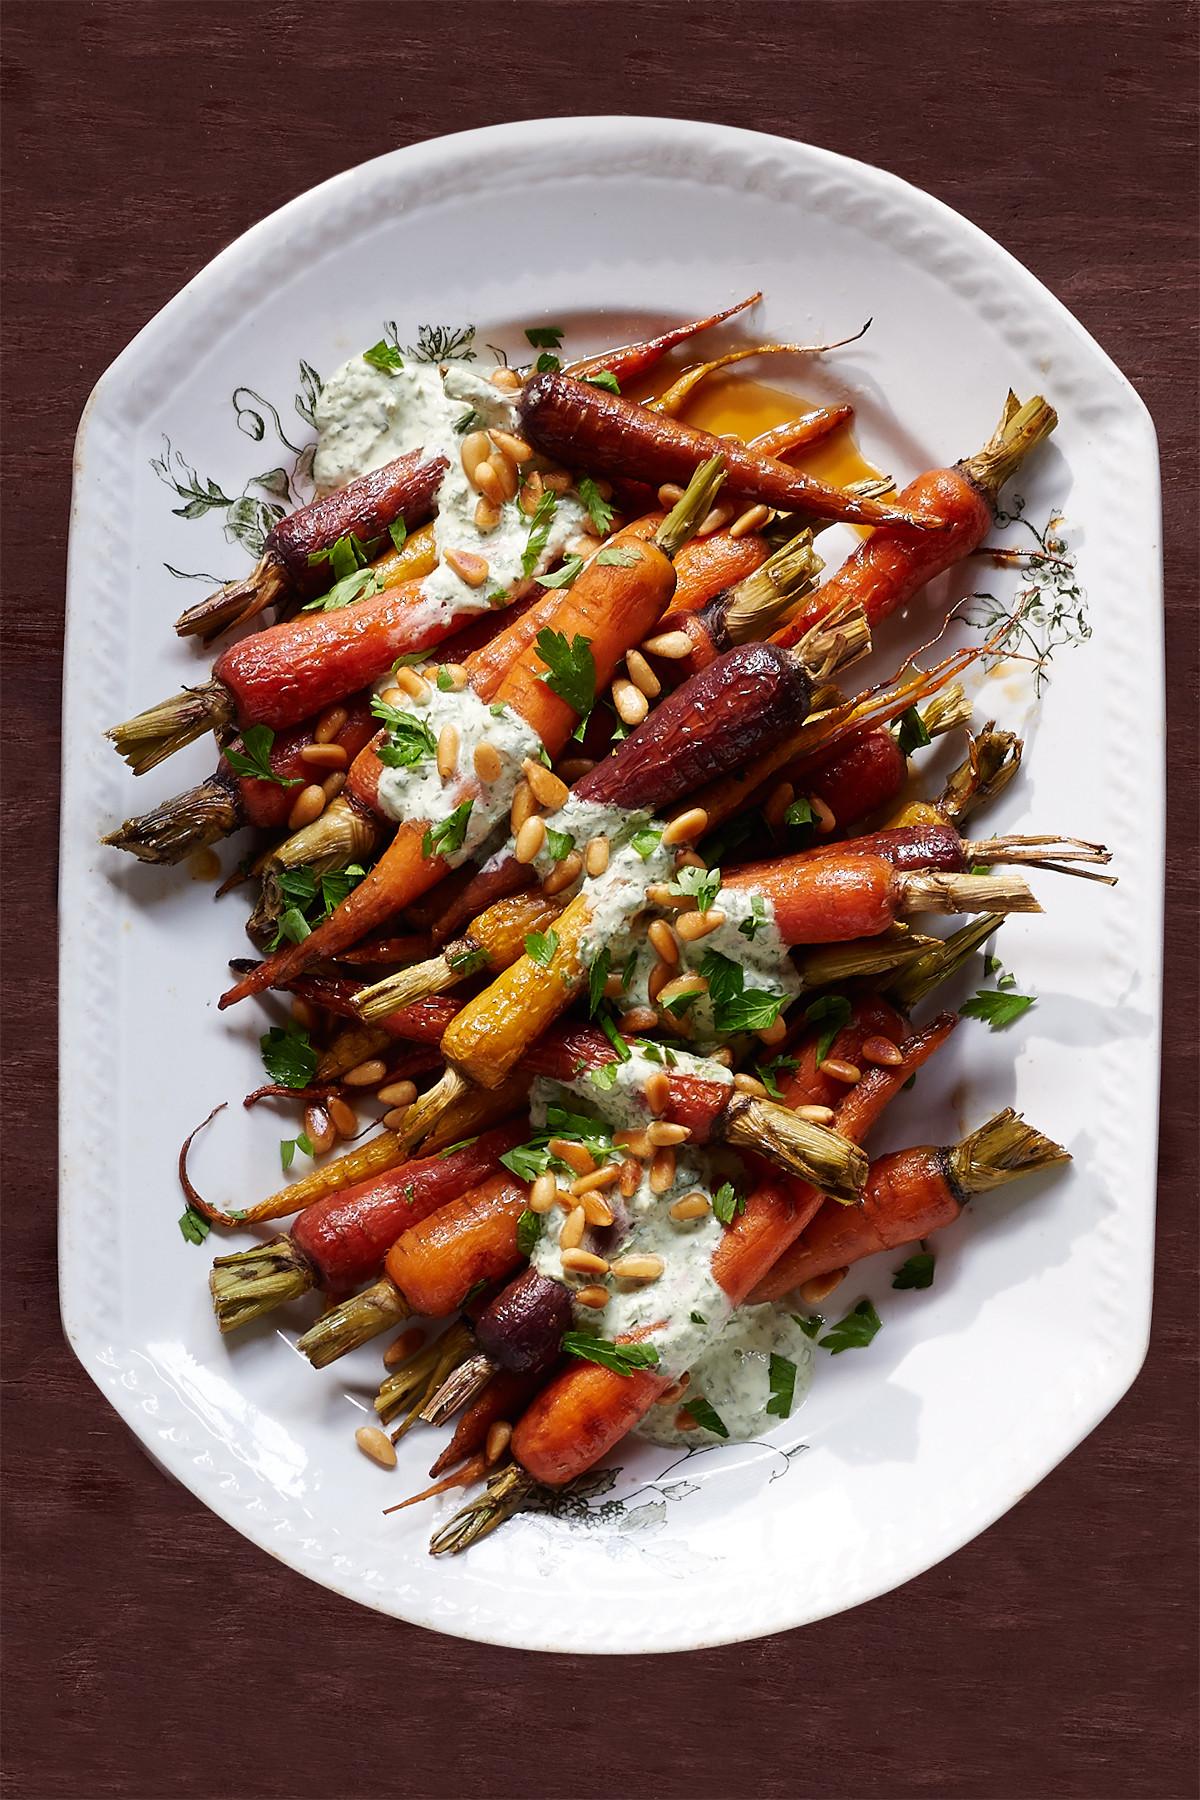 Veggie Side Dishes For Thanksgiving  25 Easy Ve able Side Dishes Recipes for Best Ve able